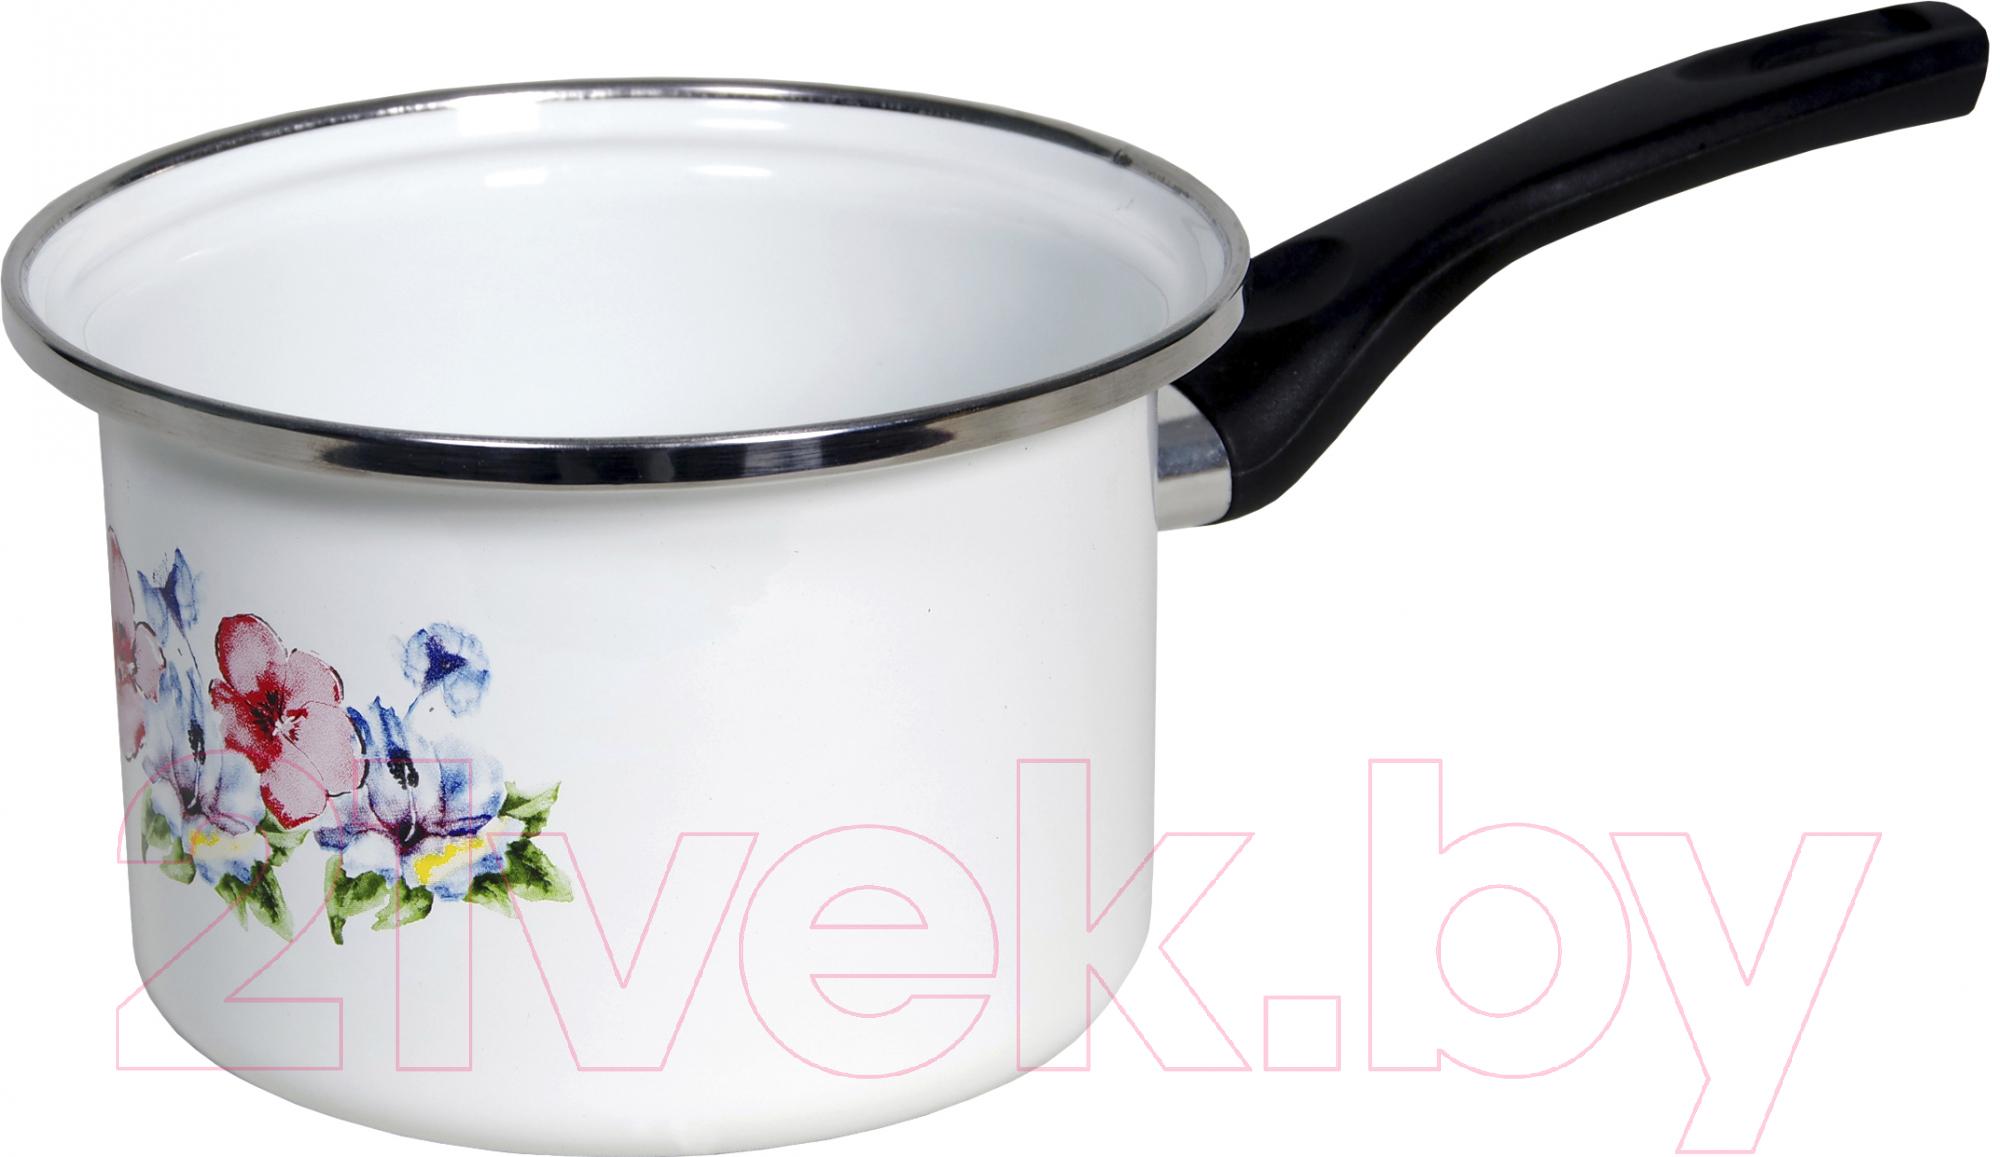 Купить Ковш Сантэкс, Маки 1-4410400 (белый), Украина